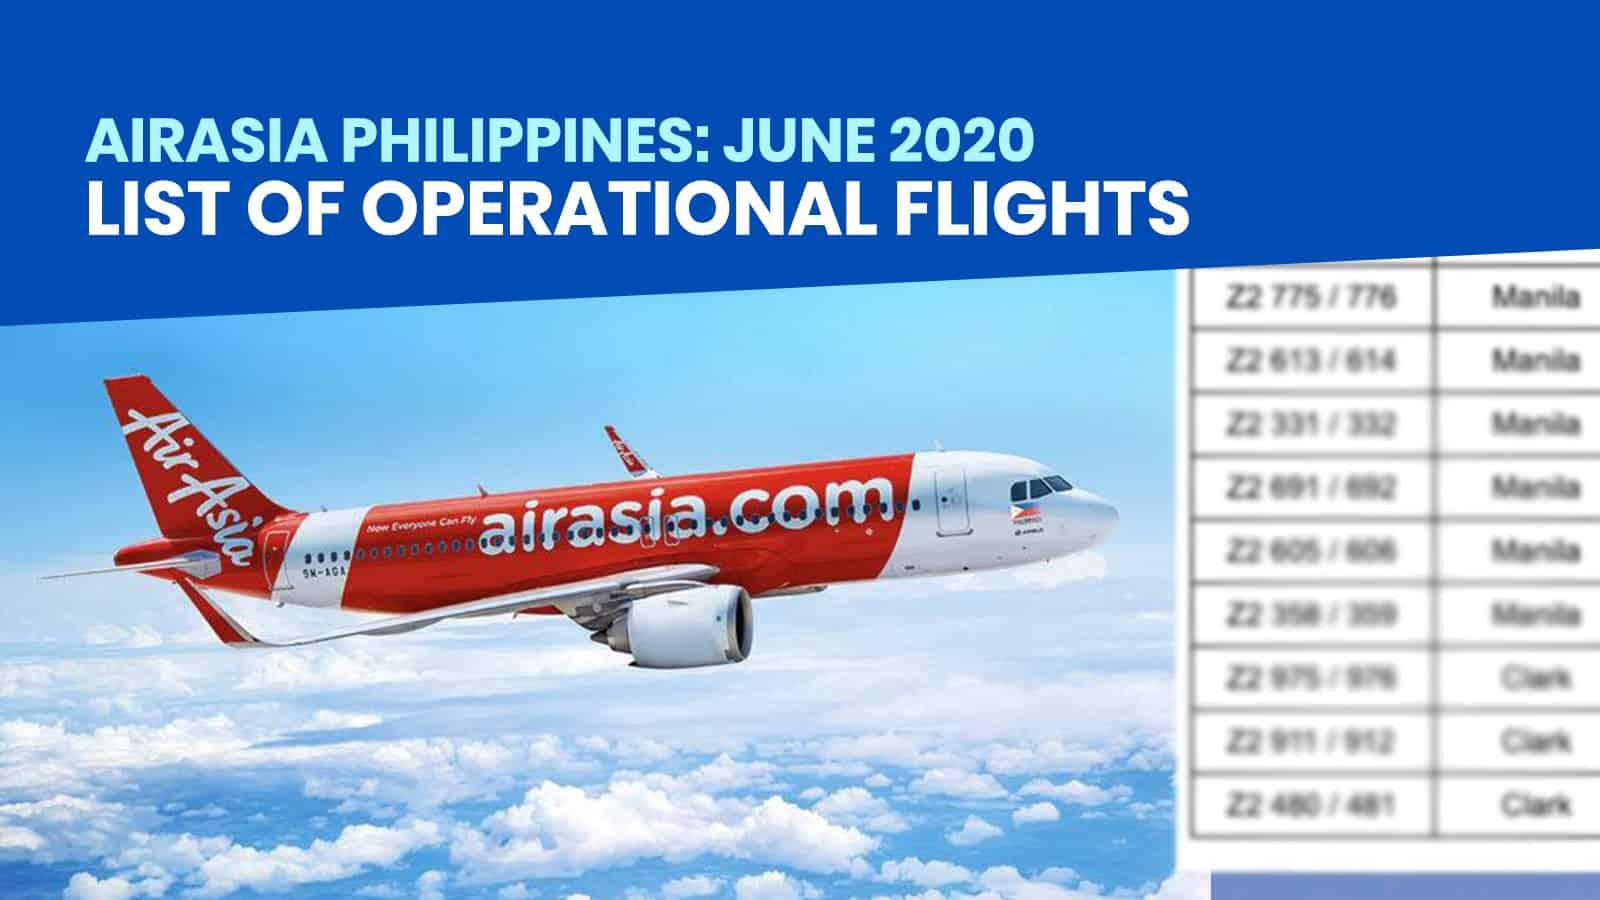 亚航菲律宾分公司。2020年6月的运营航班列表 | 穷游者的行程博客